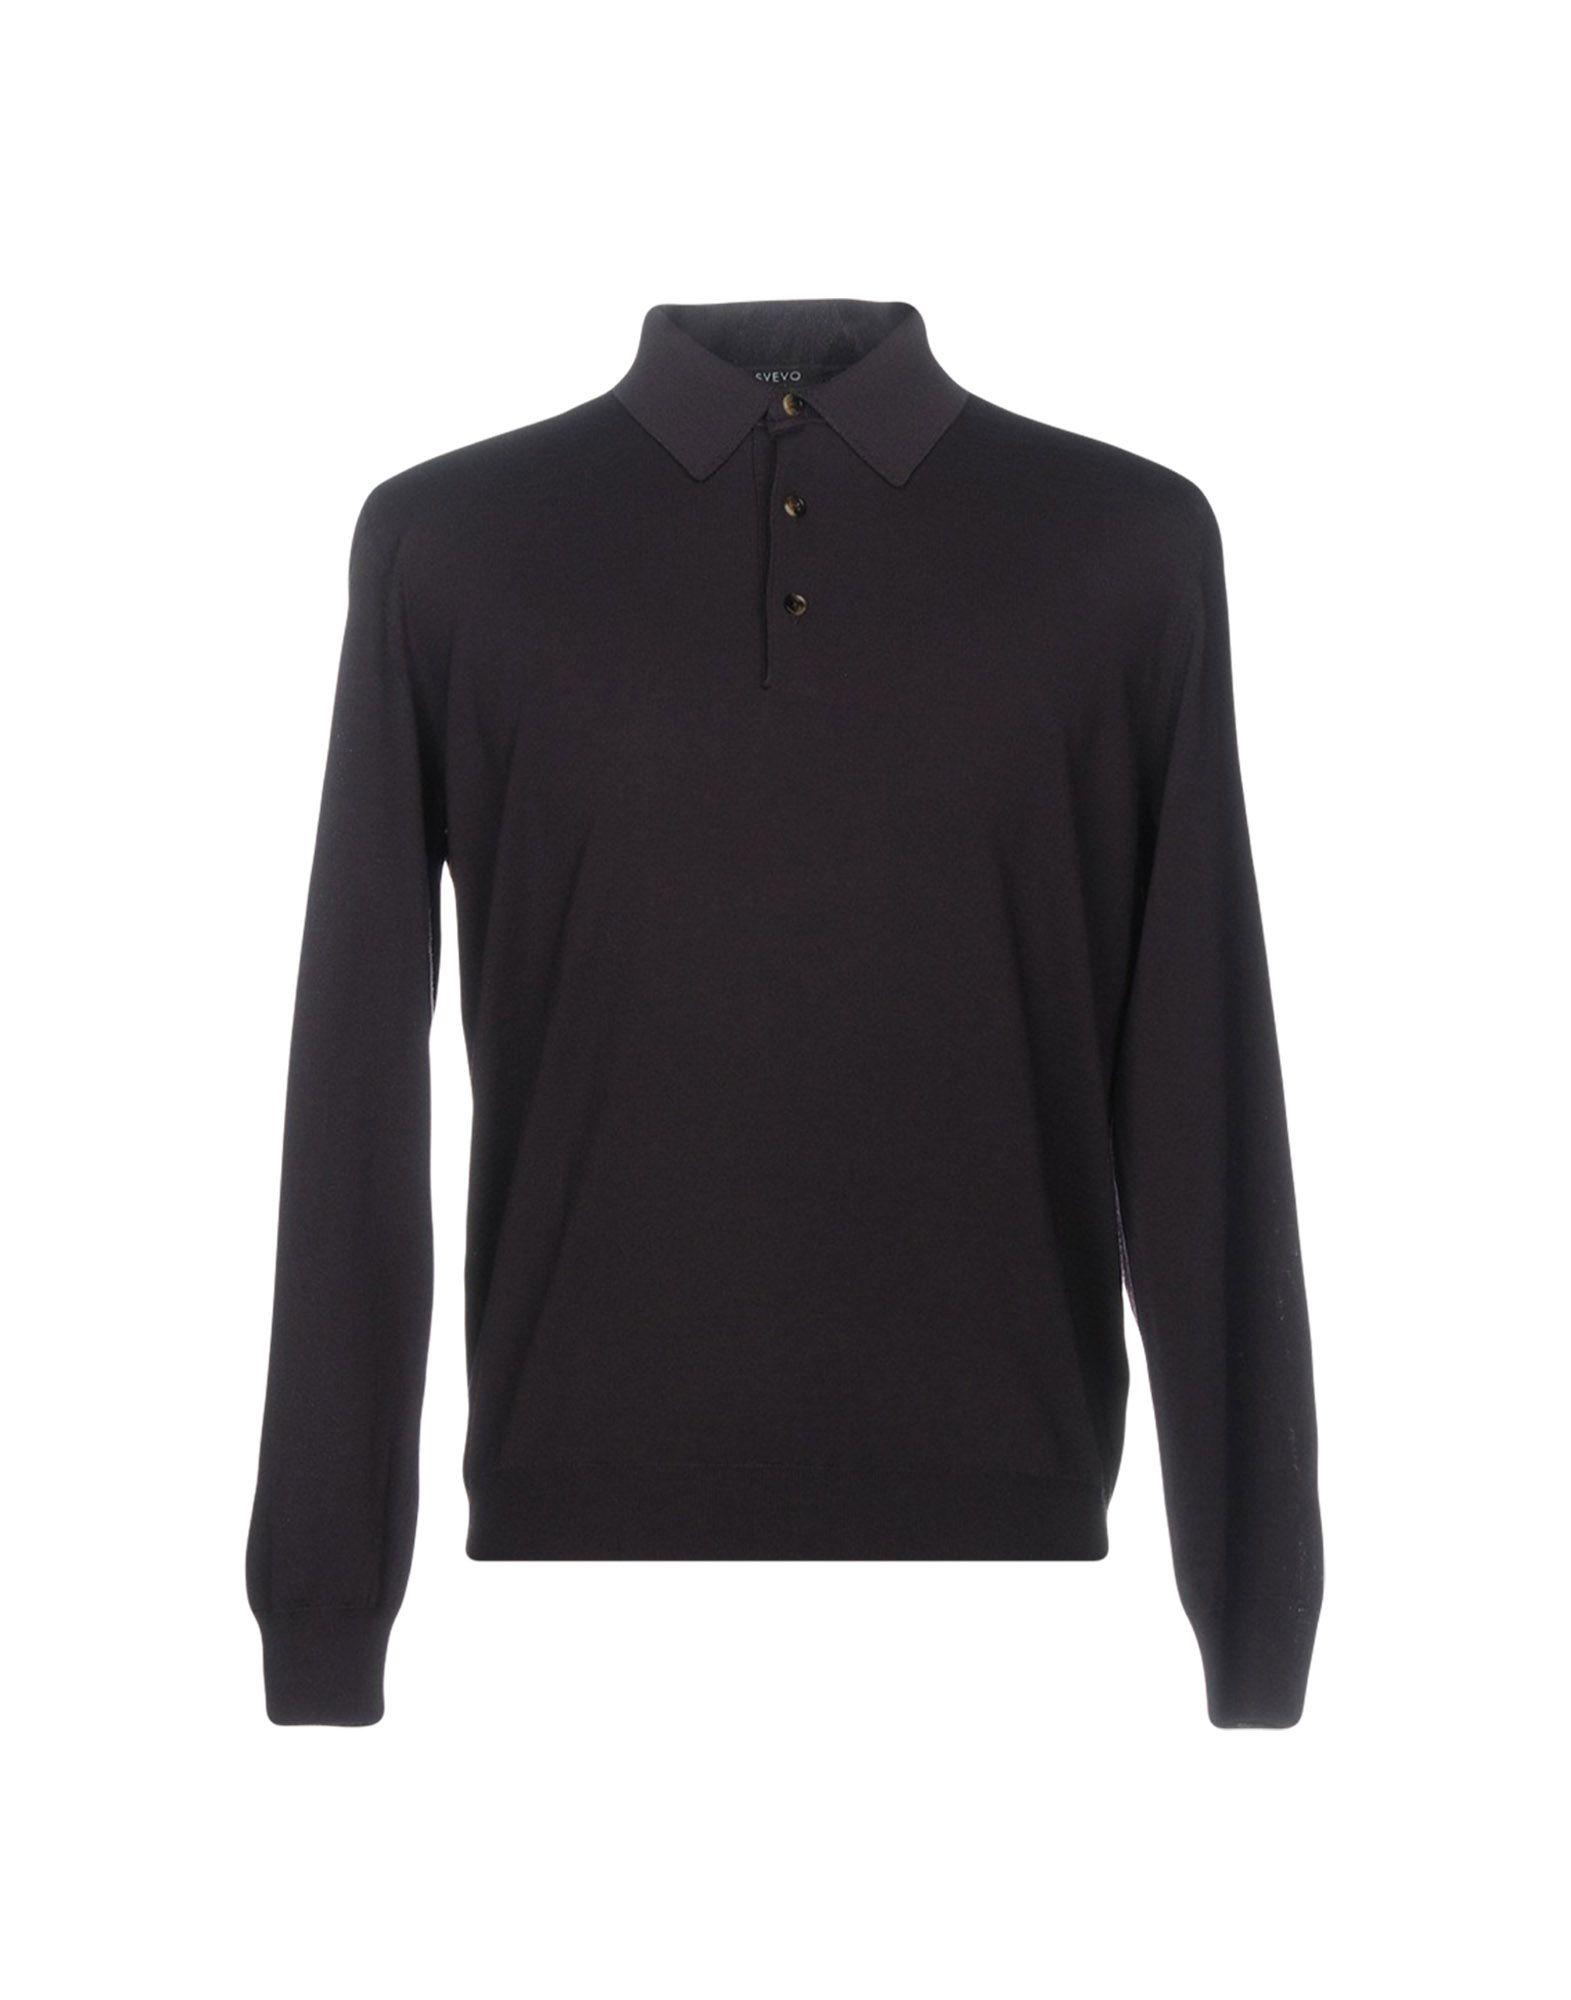 Pullover Svevo Uomo - Acquista online su